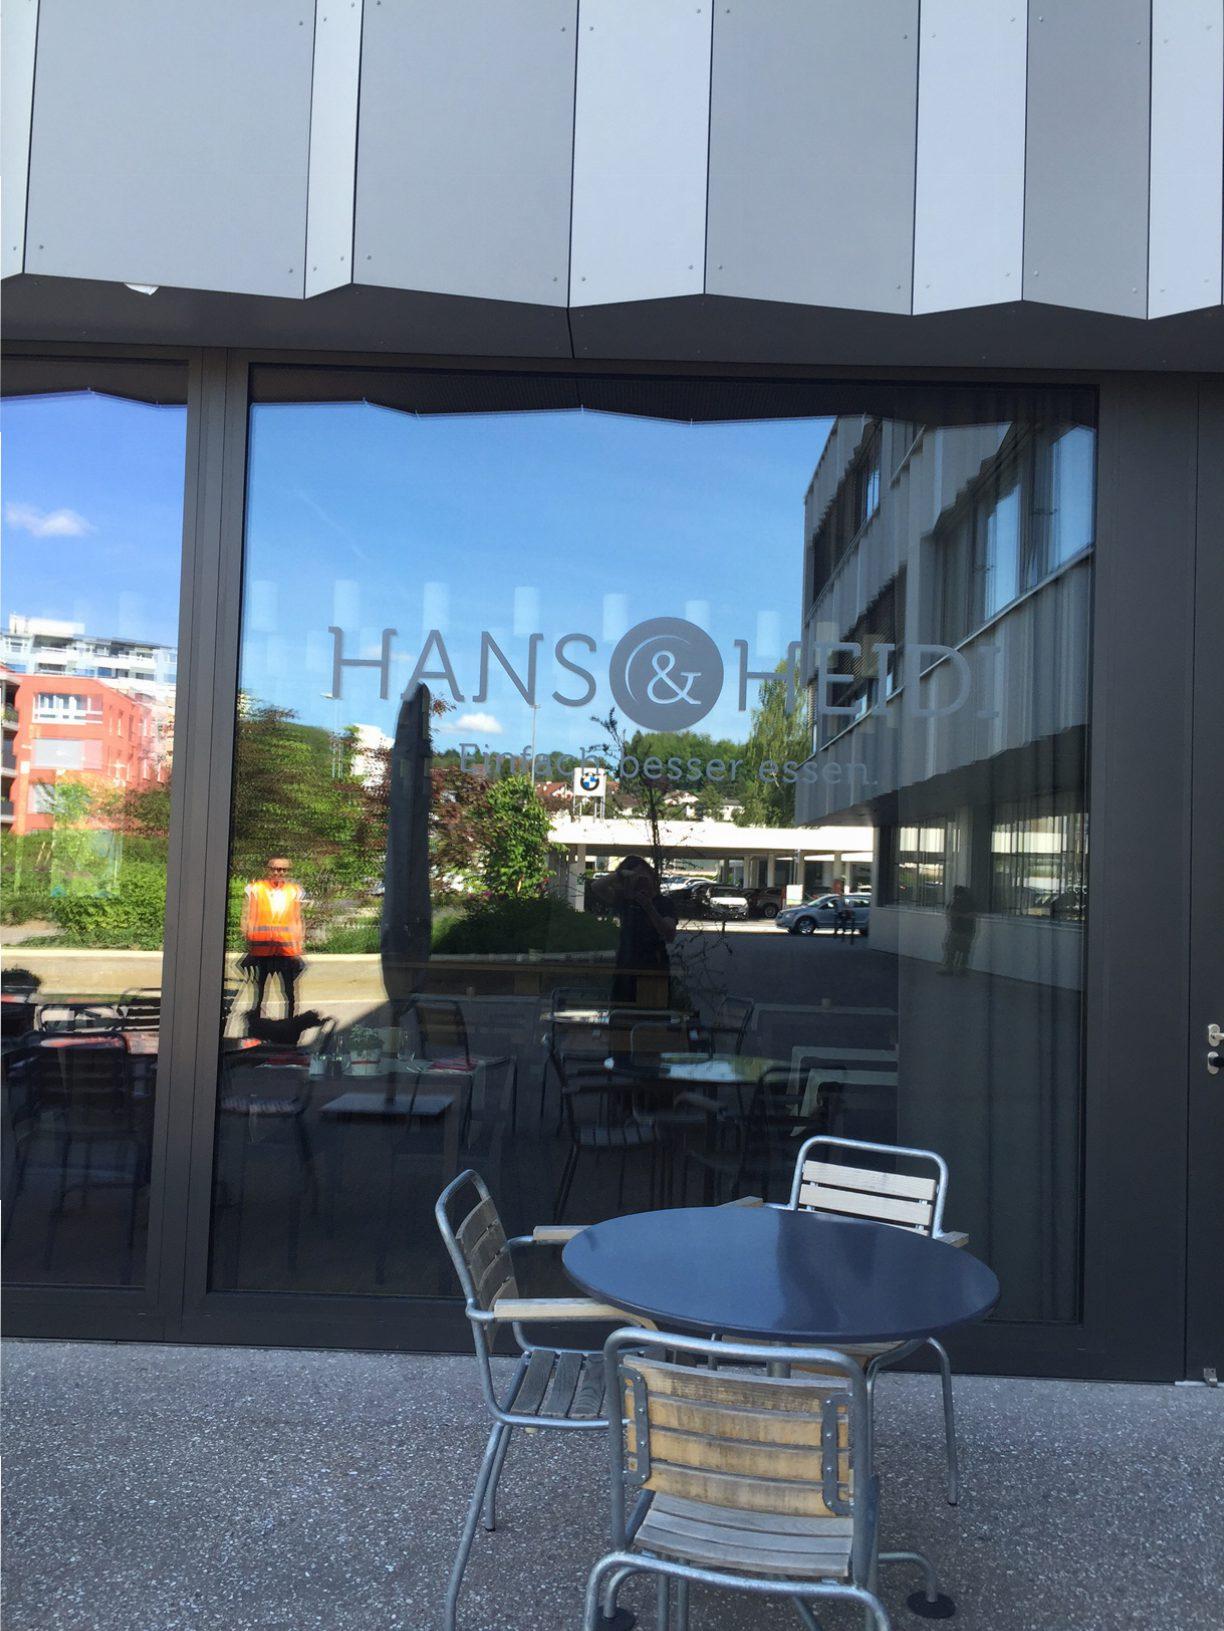 Integra Fensterbeschriftung Hans und Heidi